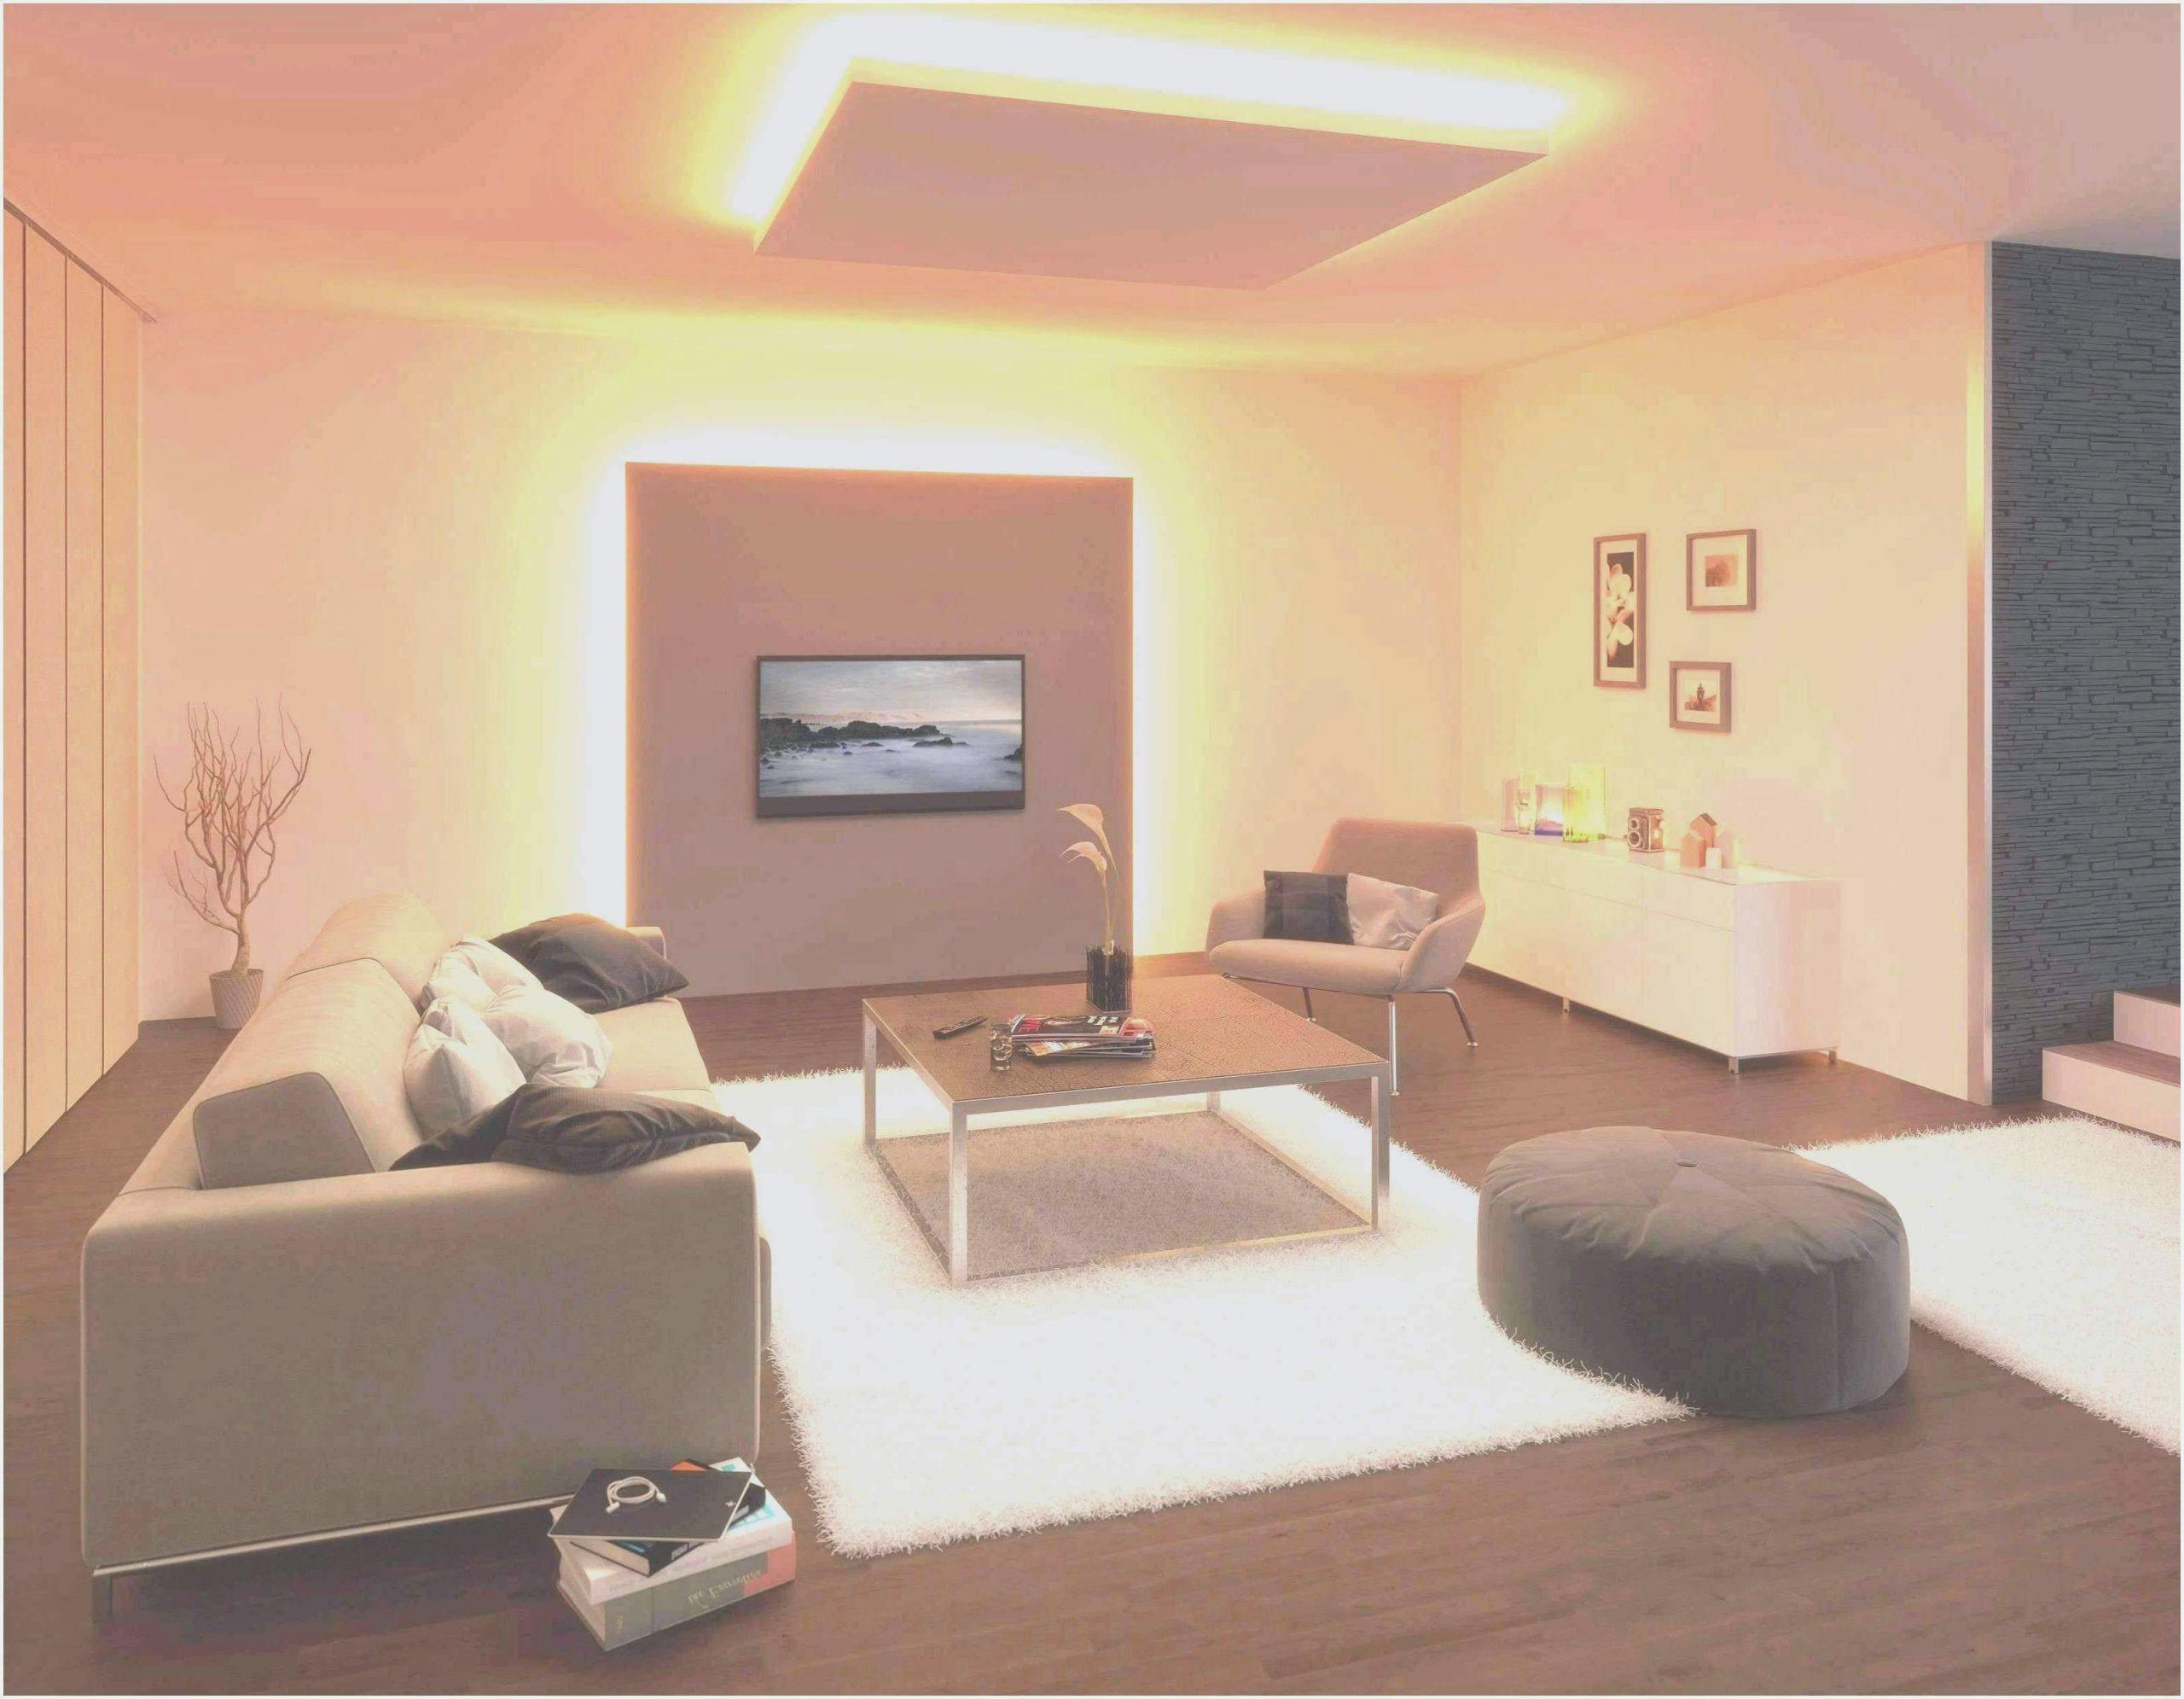 Full Size of Badezimmer Lampe Betten Ikea 160x200 Sofa Mit Schlaffunktion Wohnzimmer Deckenlampen Deckenlampe Schlafzimmer Küche Kosten Kaufen Modern Bad Miniküche Bei Wohnzimmer Ikea Deckenlampe